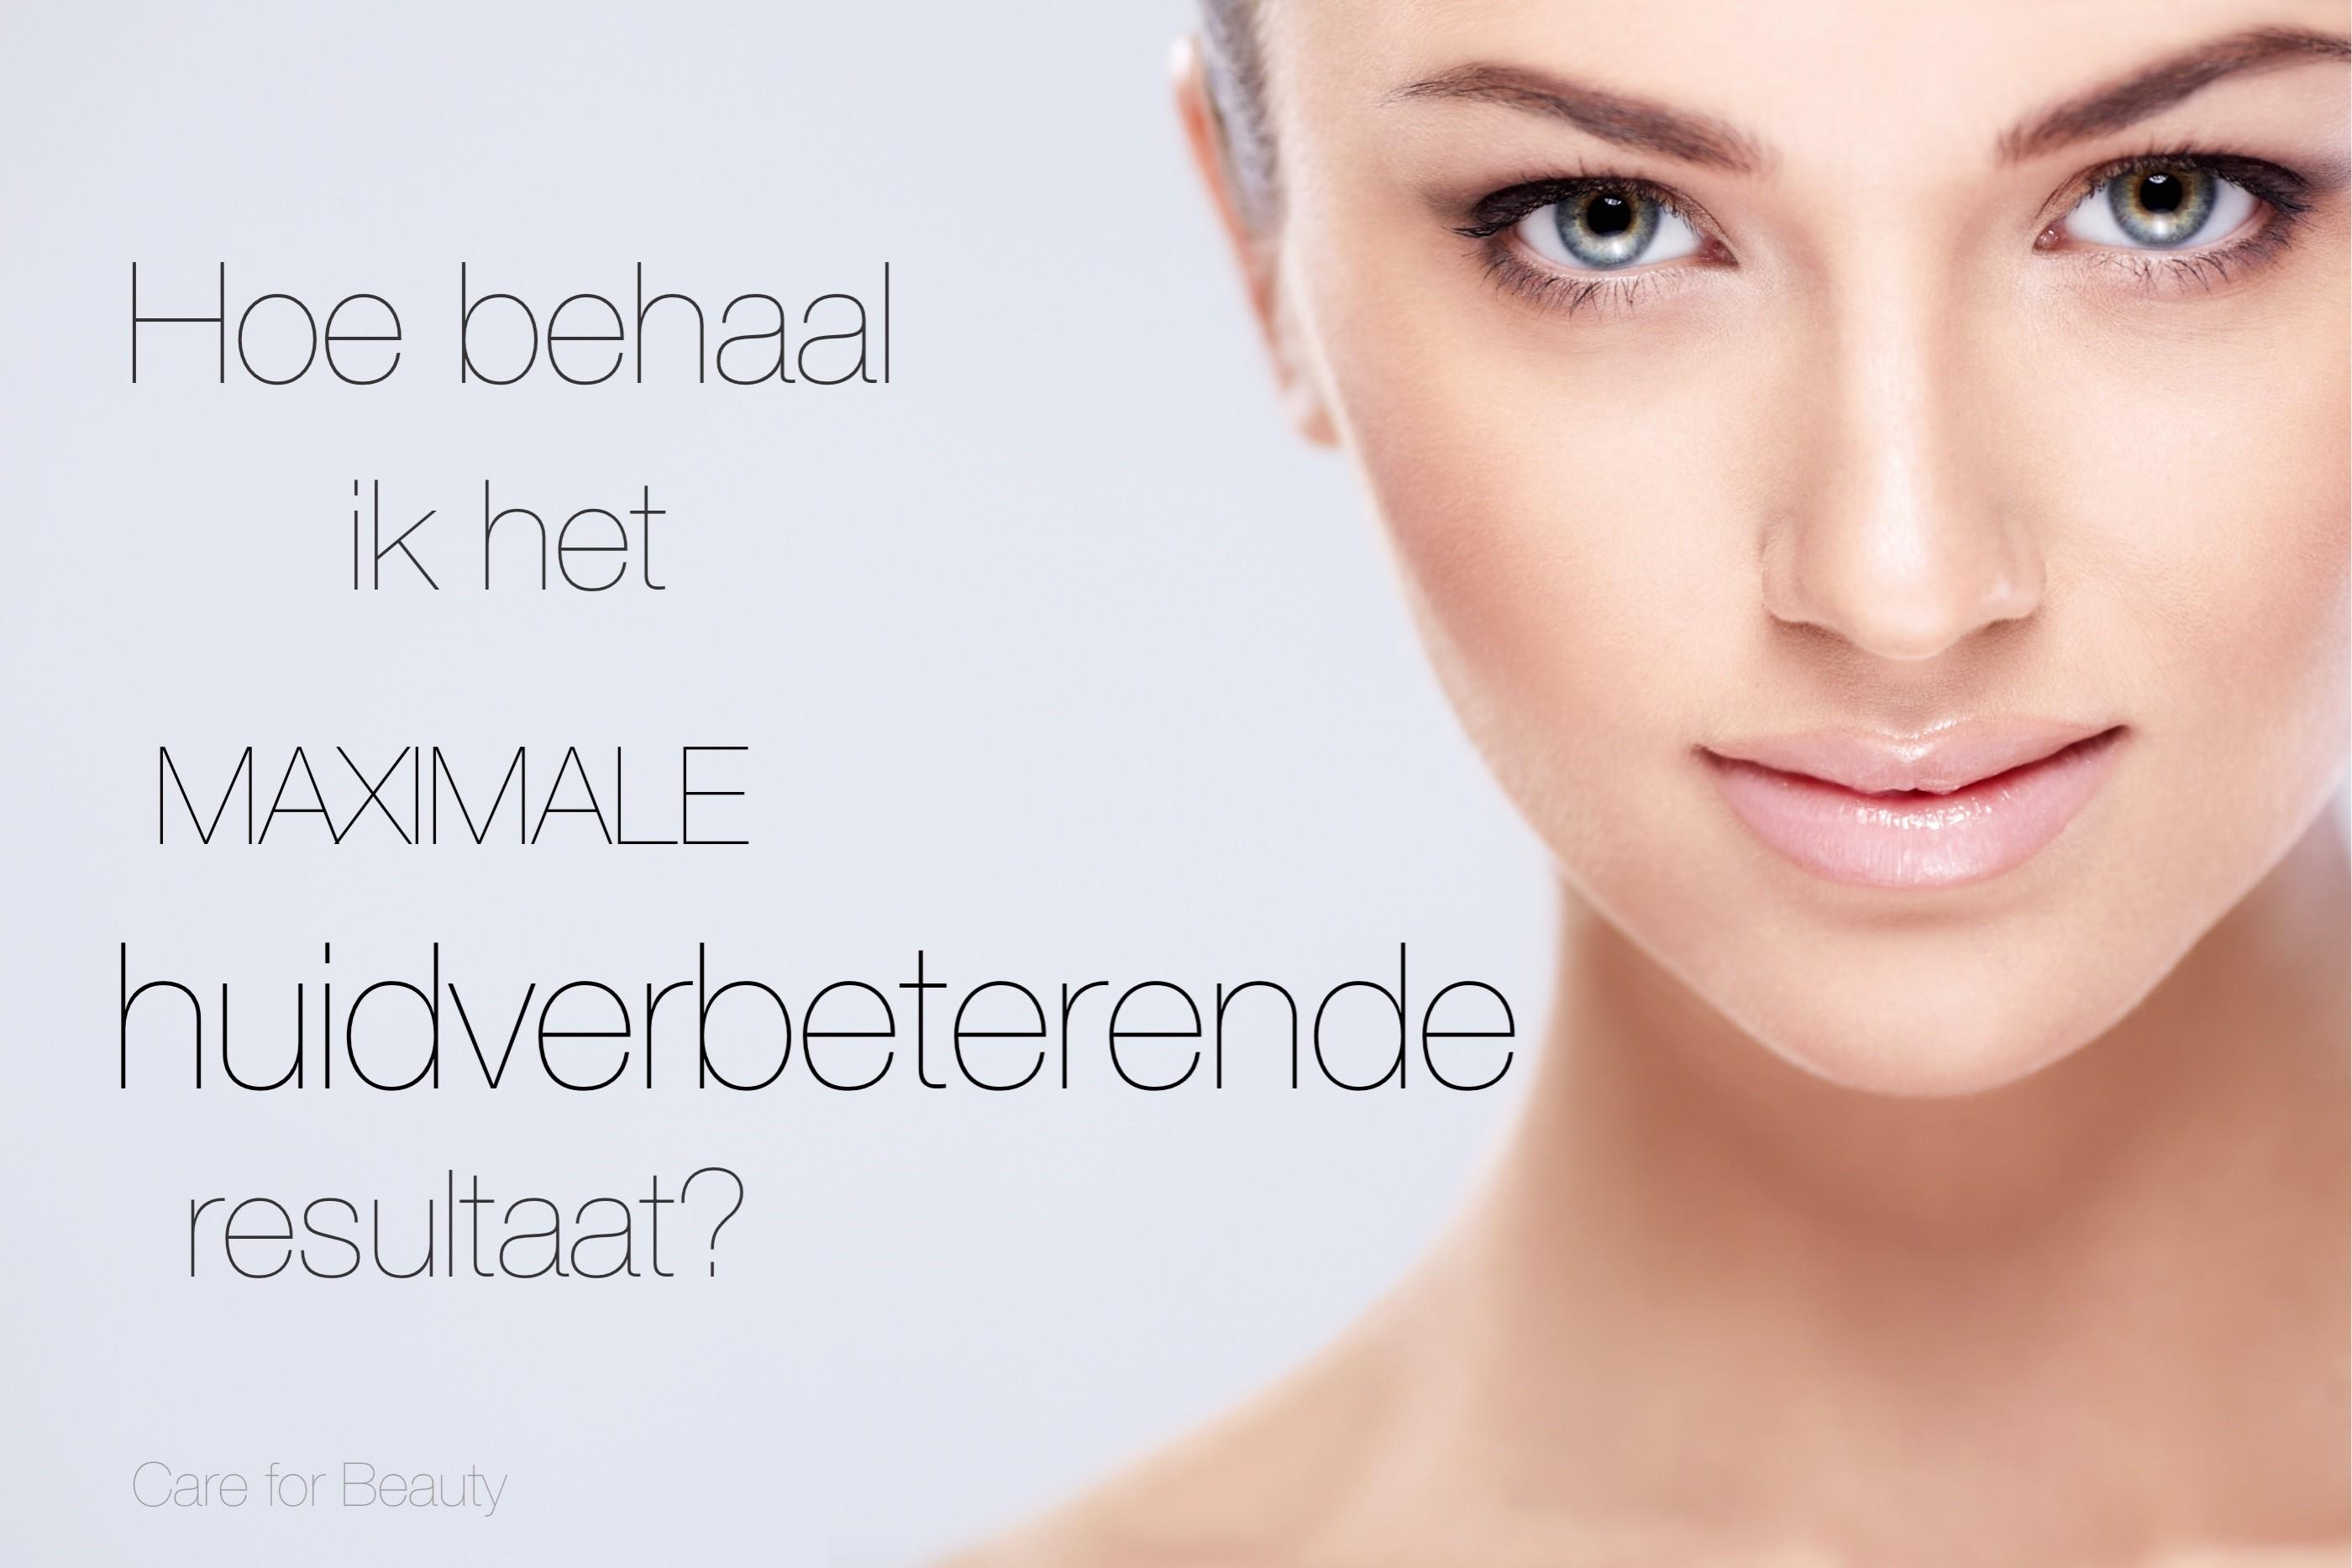 De 6 stappen naar maximale huidverbetering schoonheidssalon hardinxveld giessendam - Huisverbetering m ...